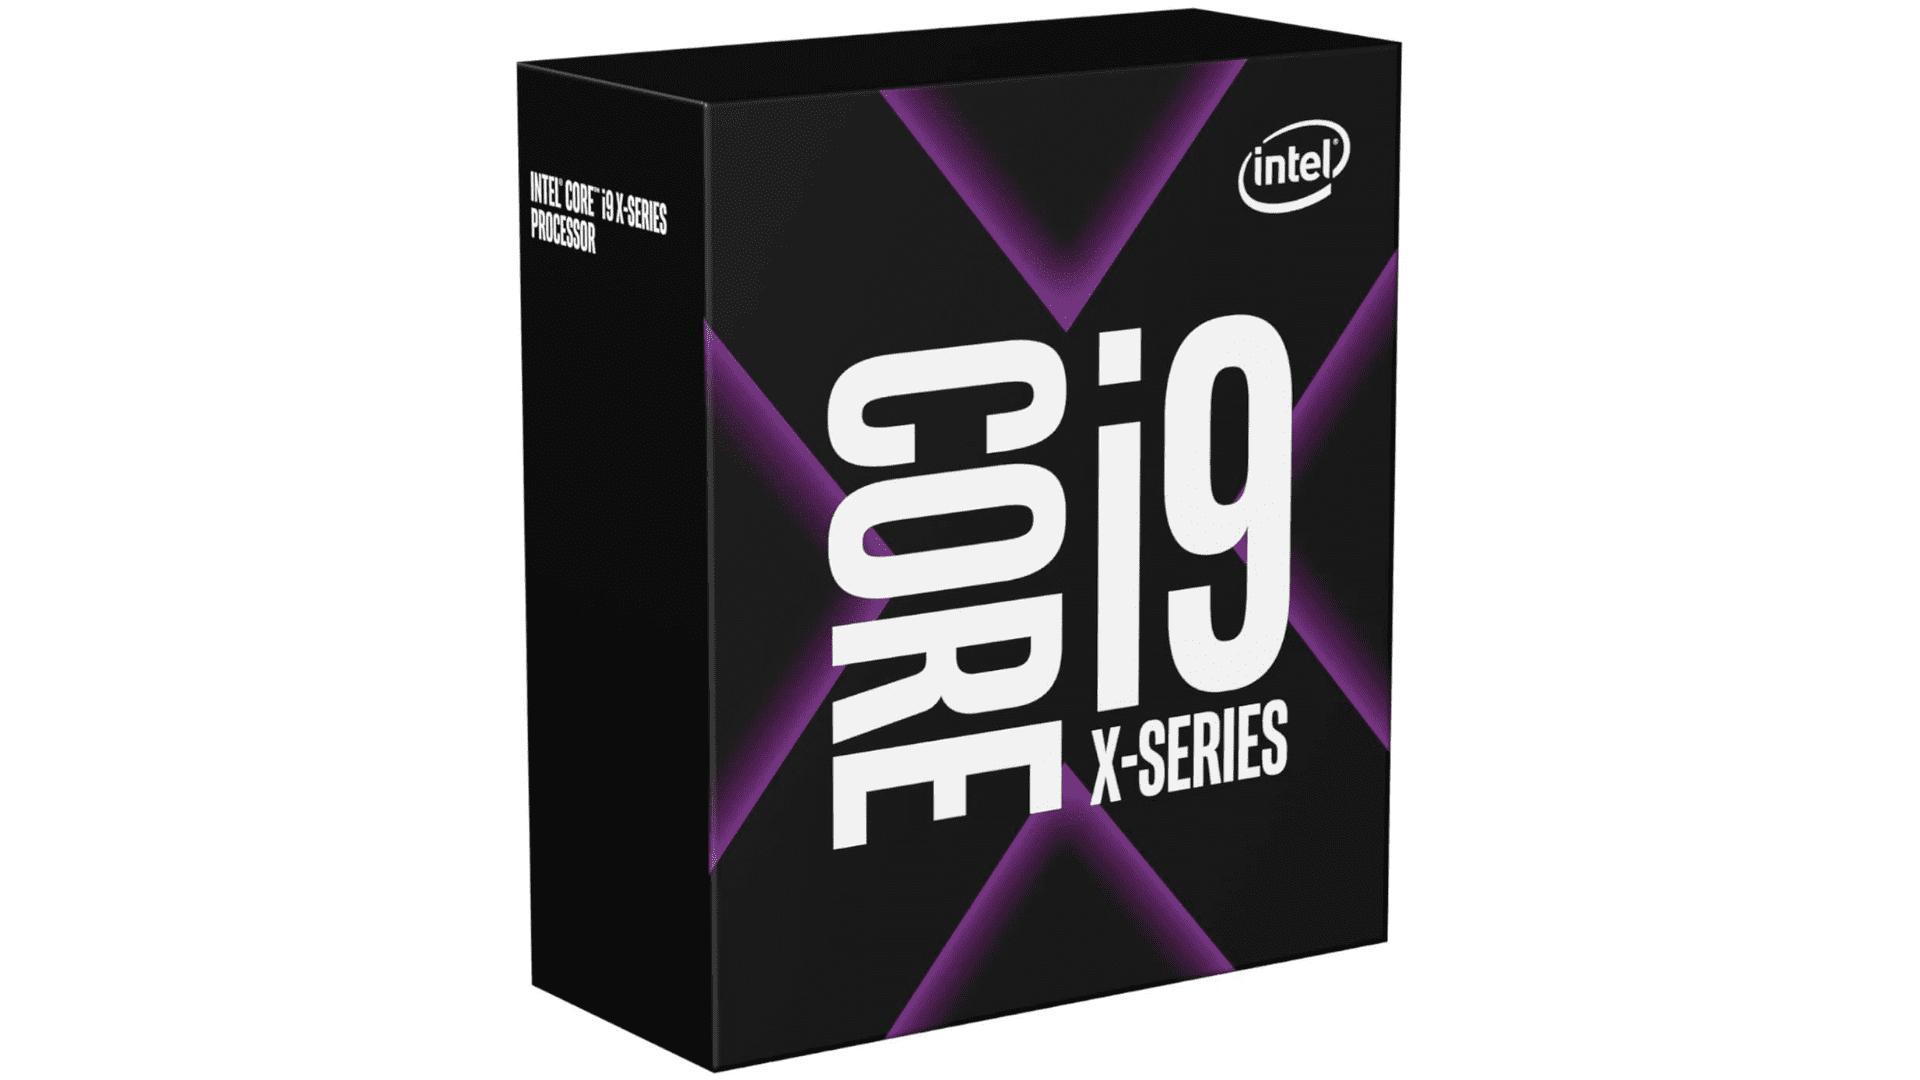 Caixa do processador i9 Série X preta com detalhes em roxo